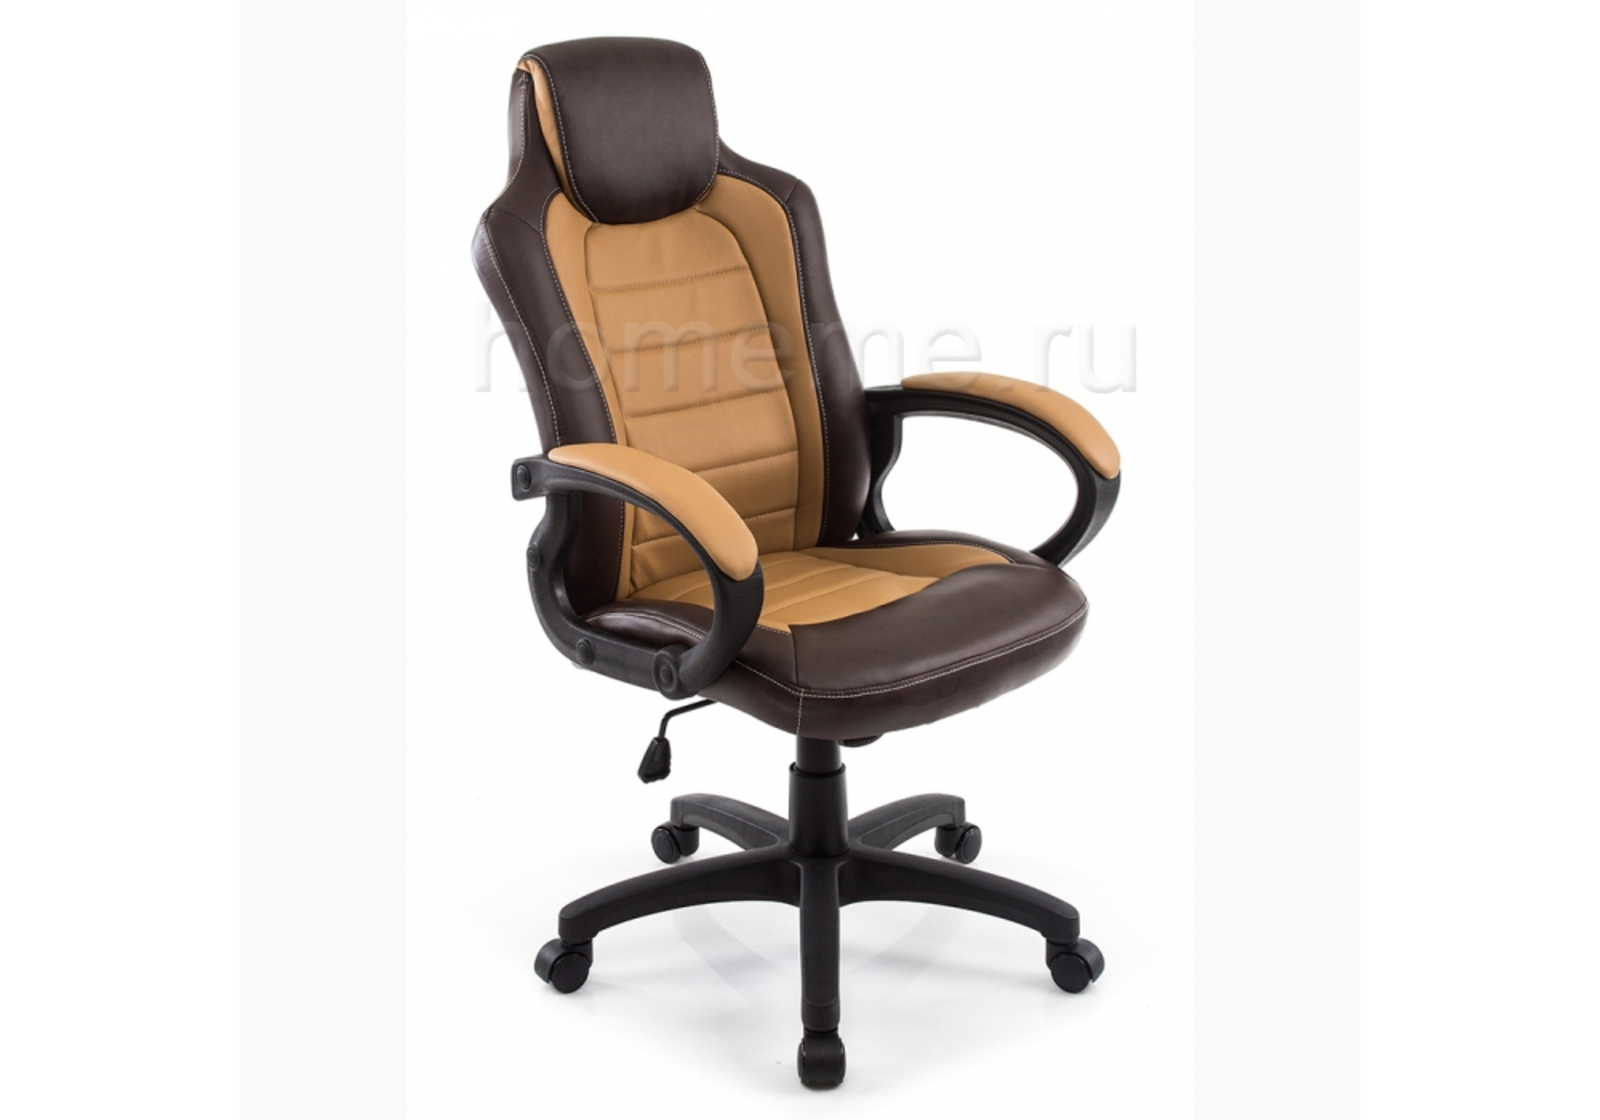 Кресло для офиса HomeMe Kadis коричневое / бежевое 1726 от Homeme.ru